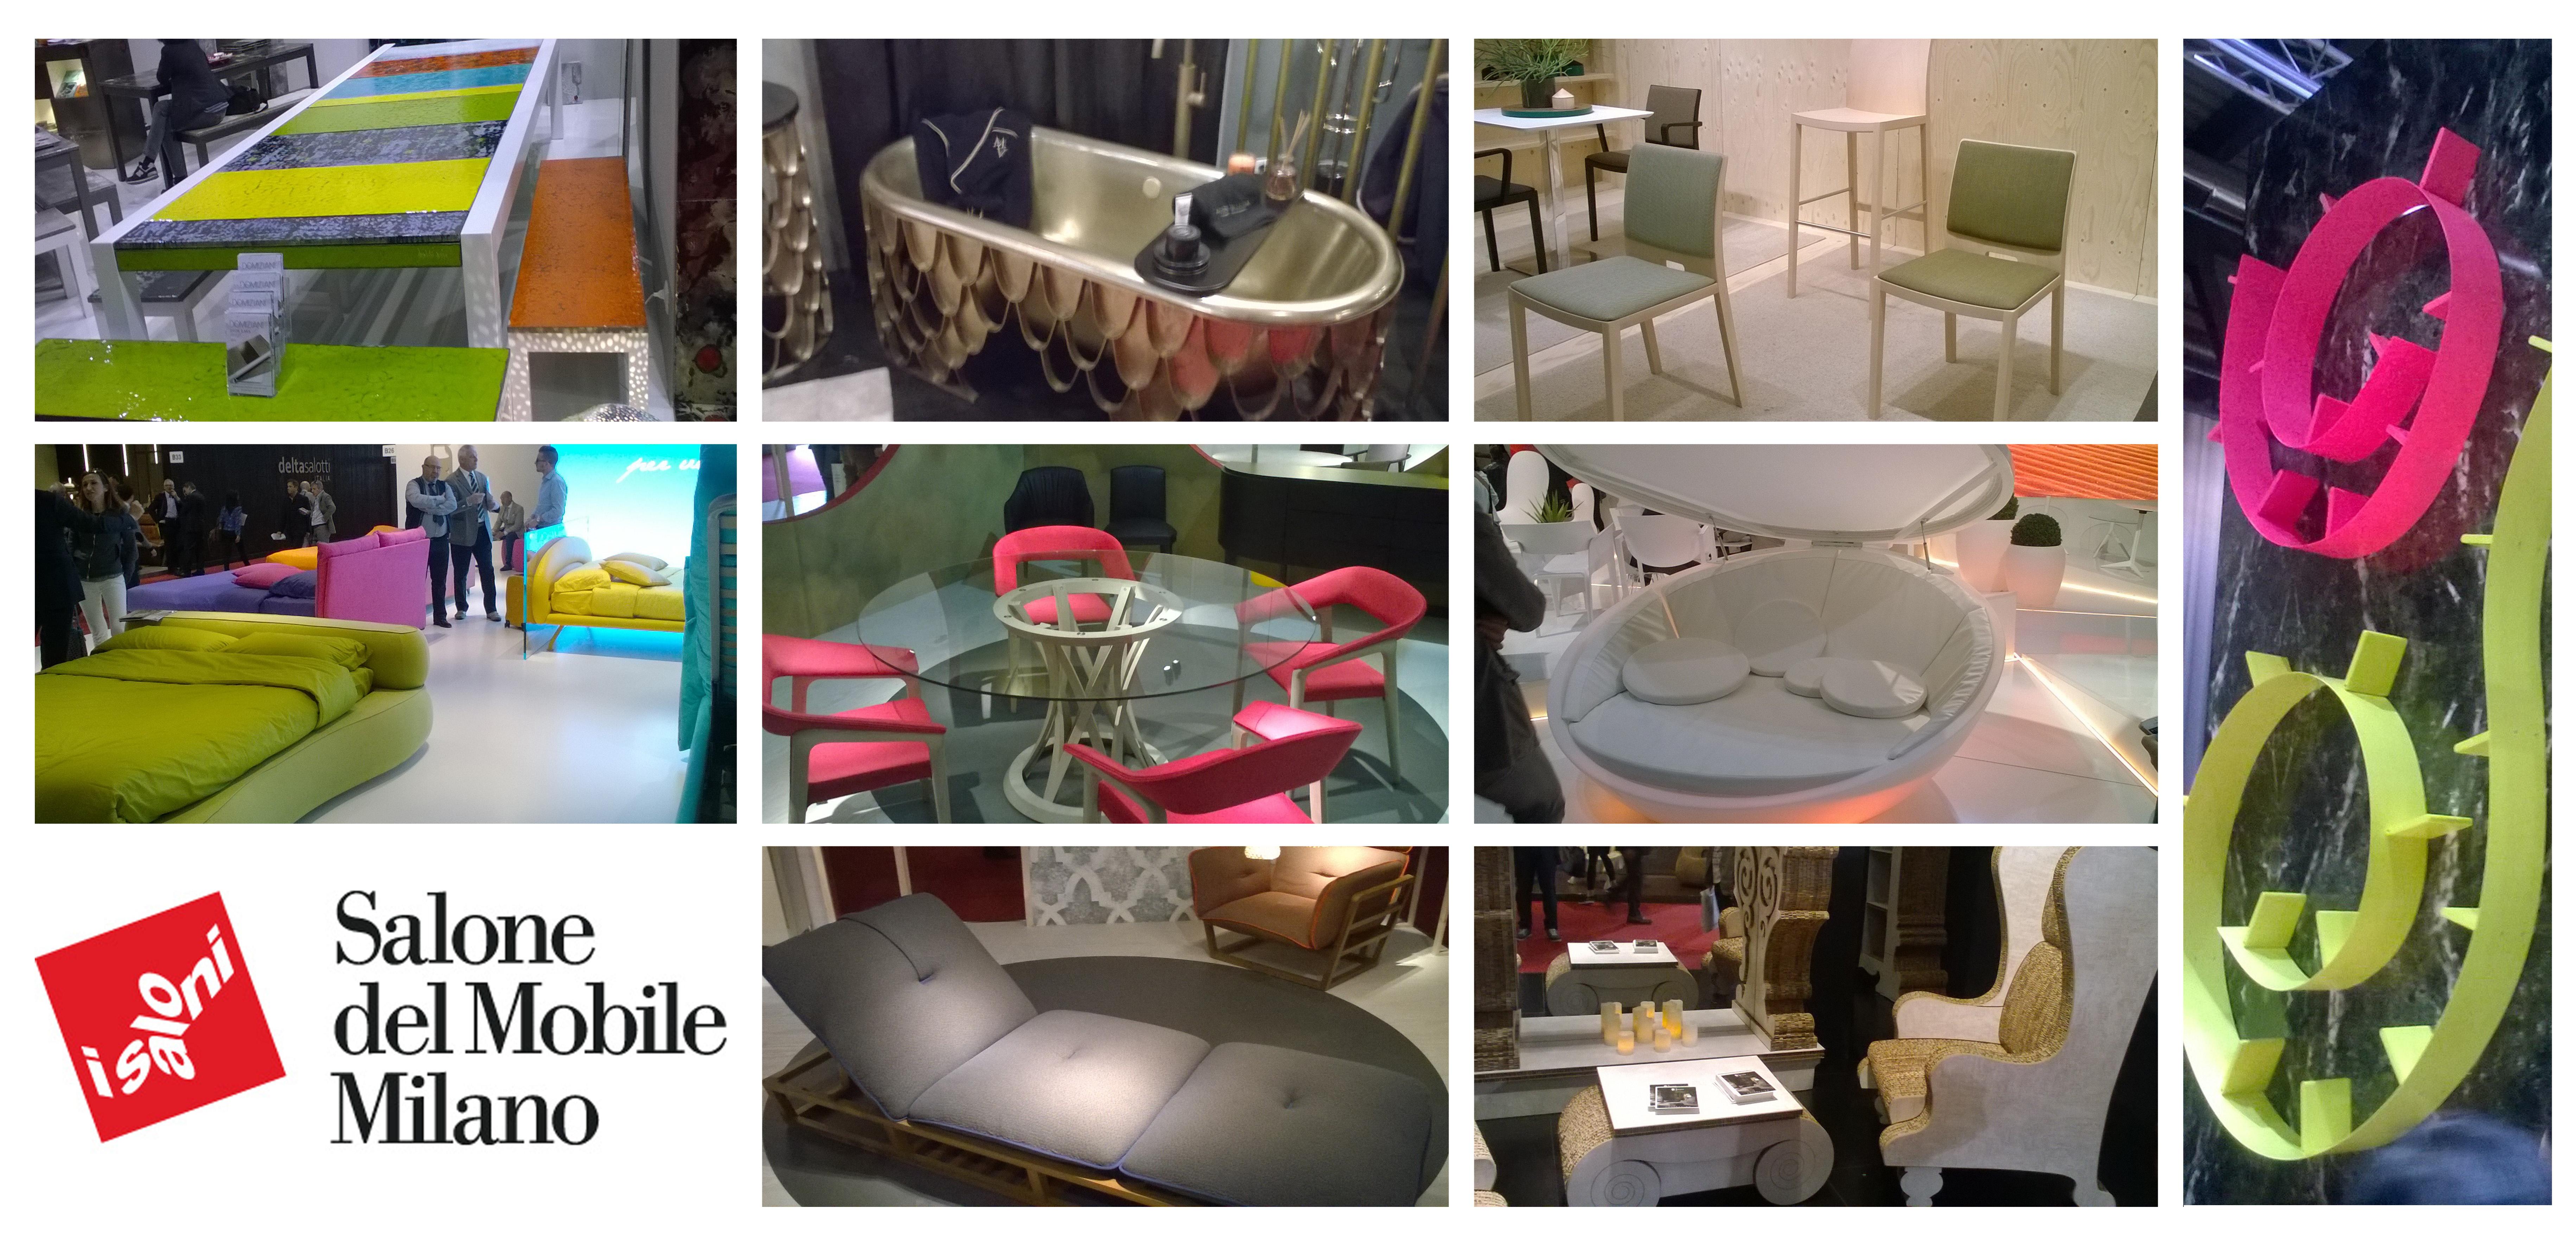 Salone del mobile milano 2015 studio di architettura for Salone di mobile milano